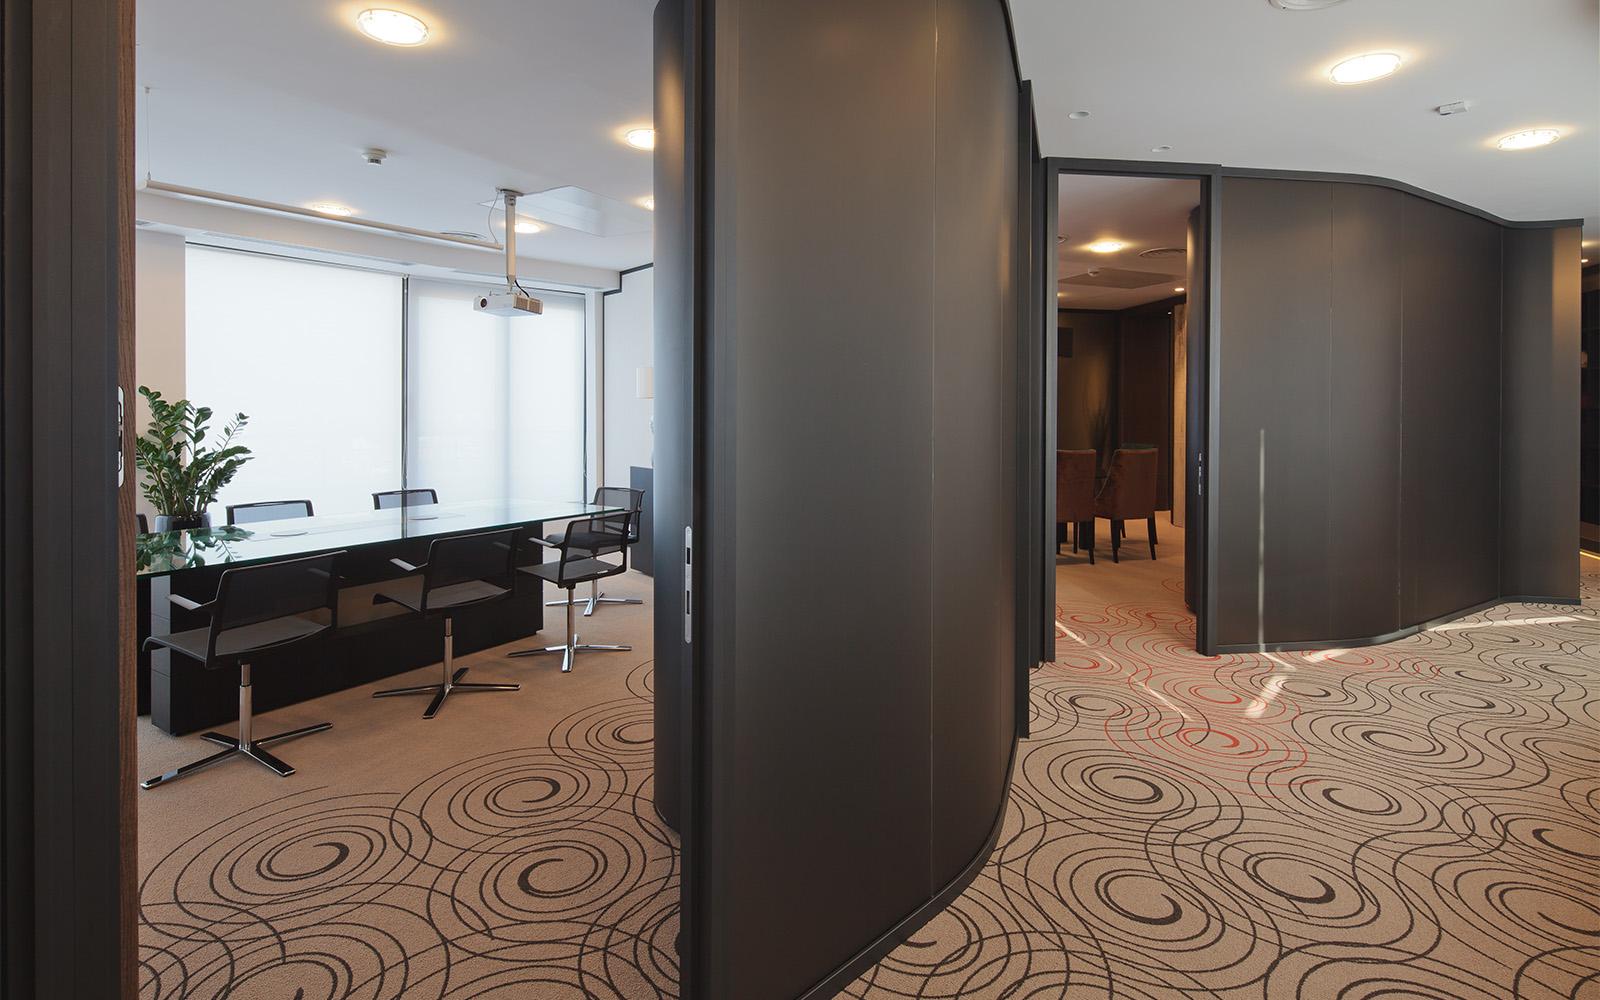 Büroräume mit textilem Bodenbelag mit dezentem und elegantem Schörkelmuster